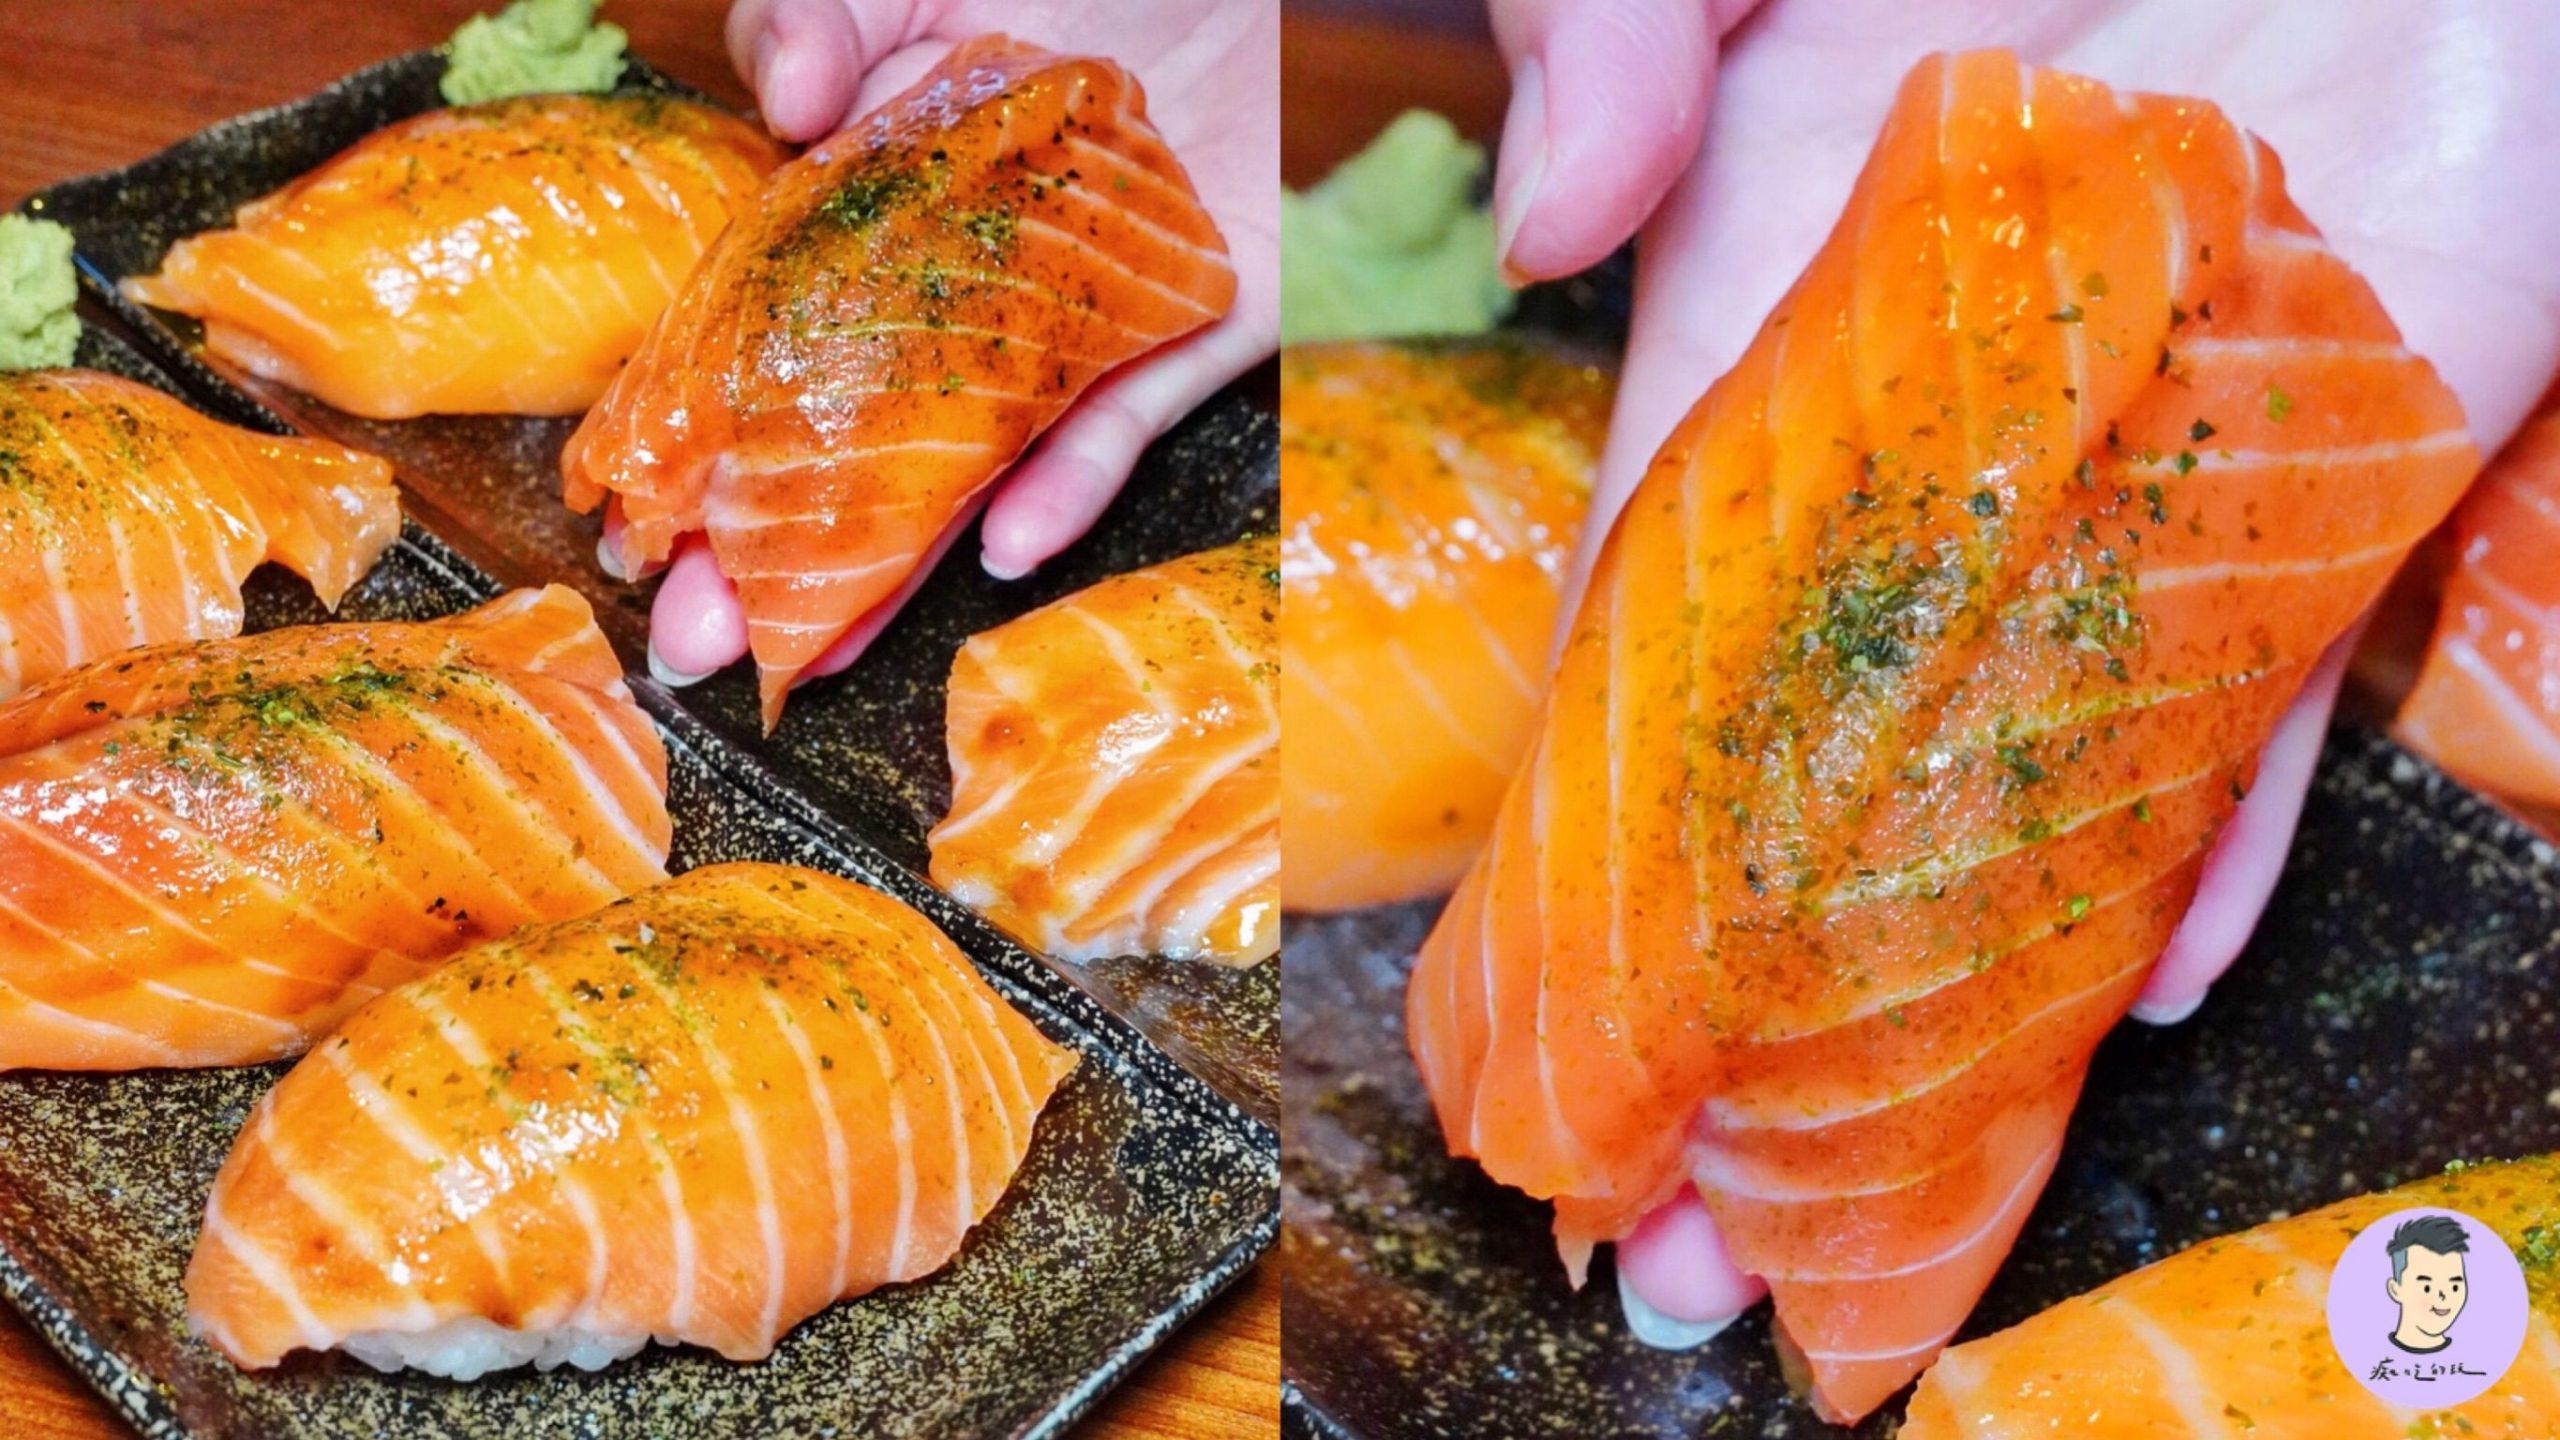 【台南美食】台南巨無霸鮭魚握壽司!半個手掌大超浮誇 你有吃過這樣的鮭魚壽司嗎?- 昭和九十八居酒屋